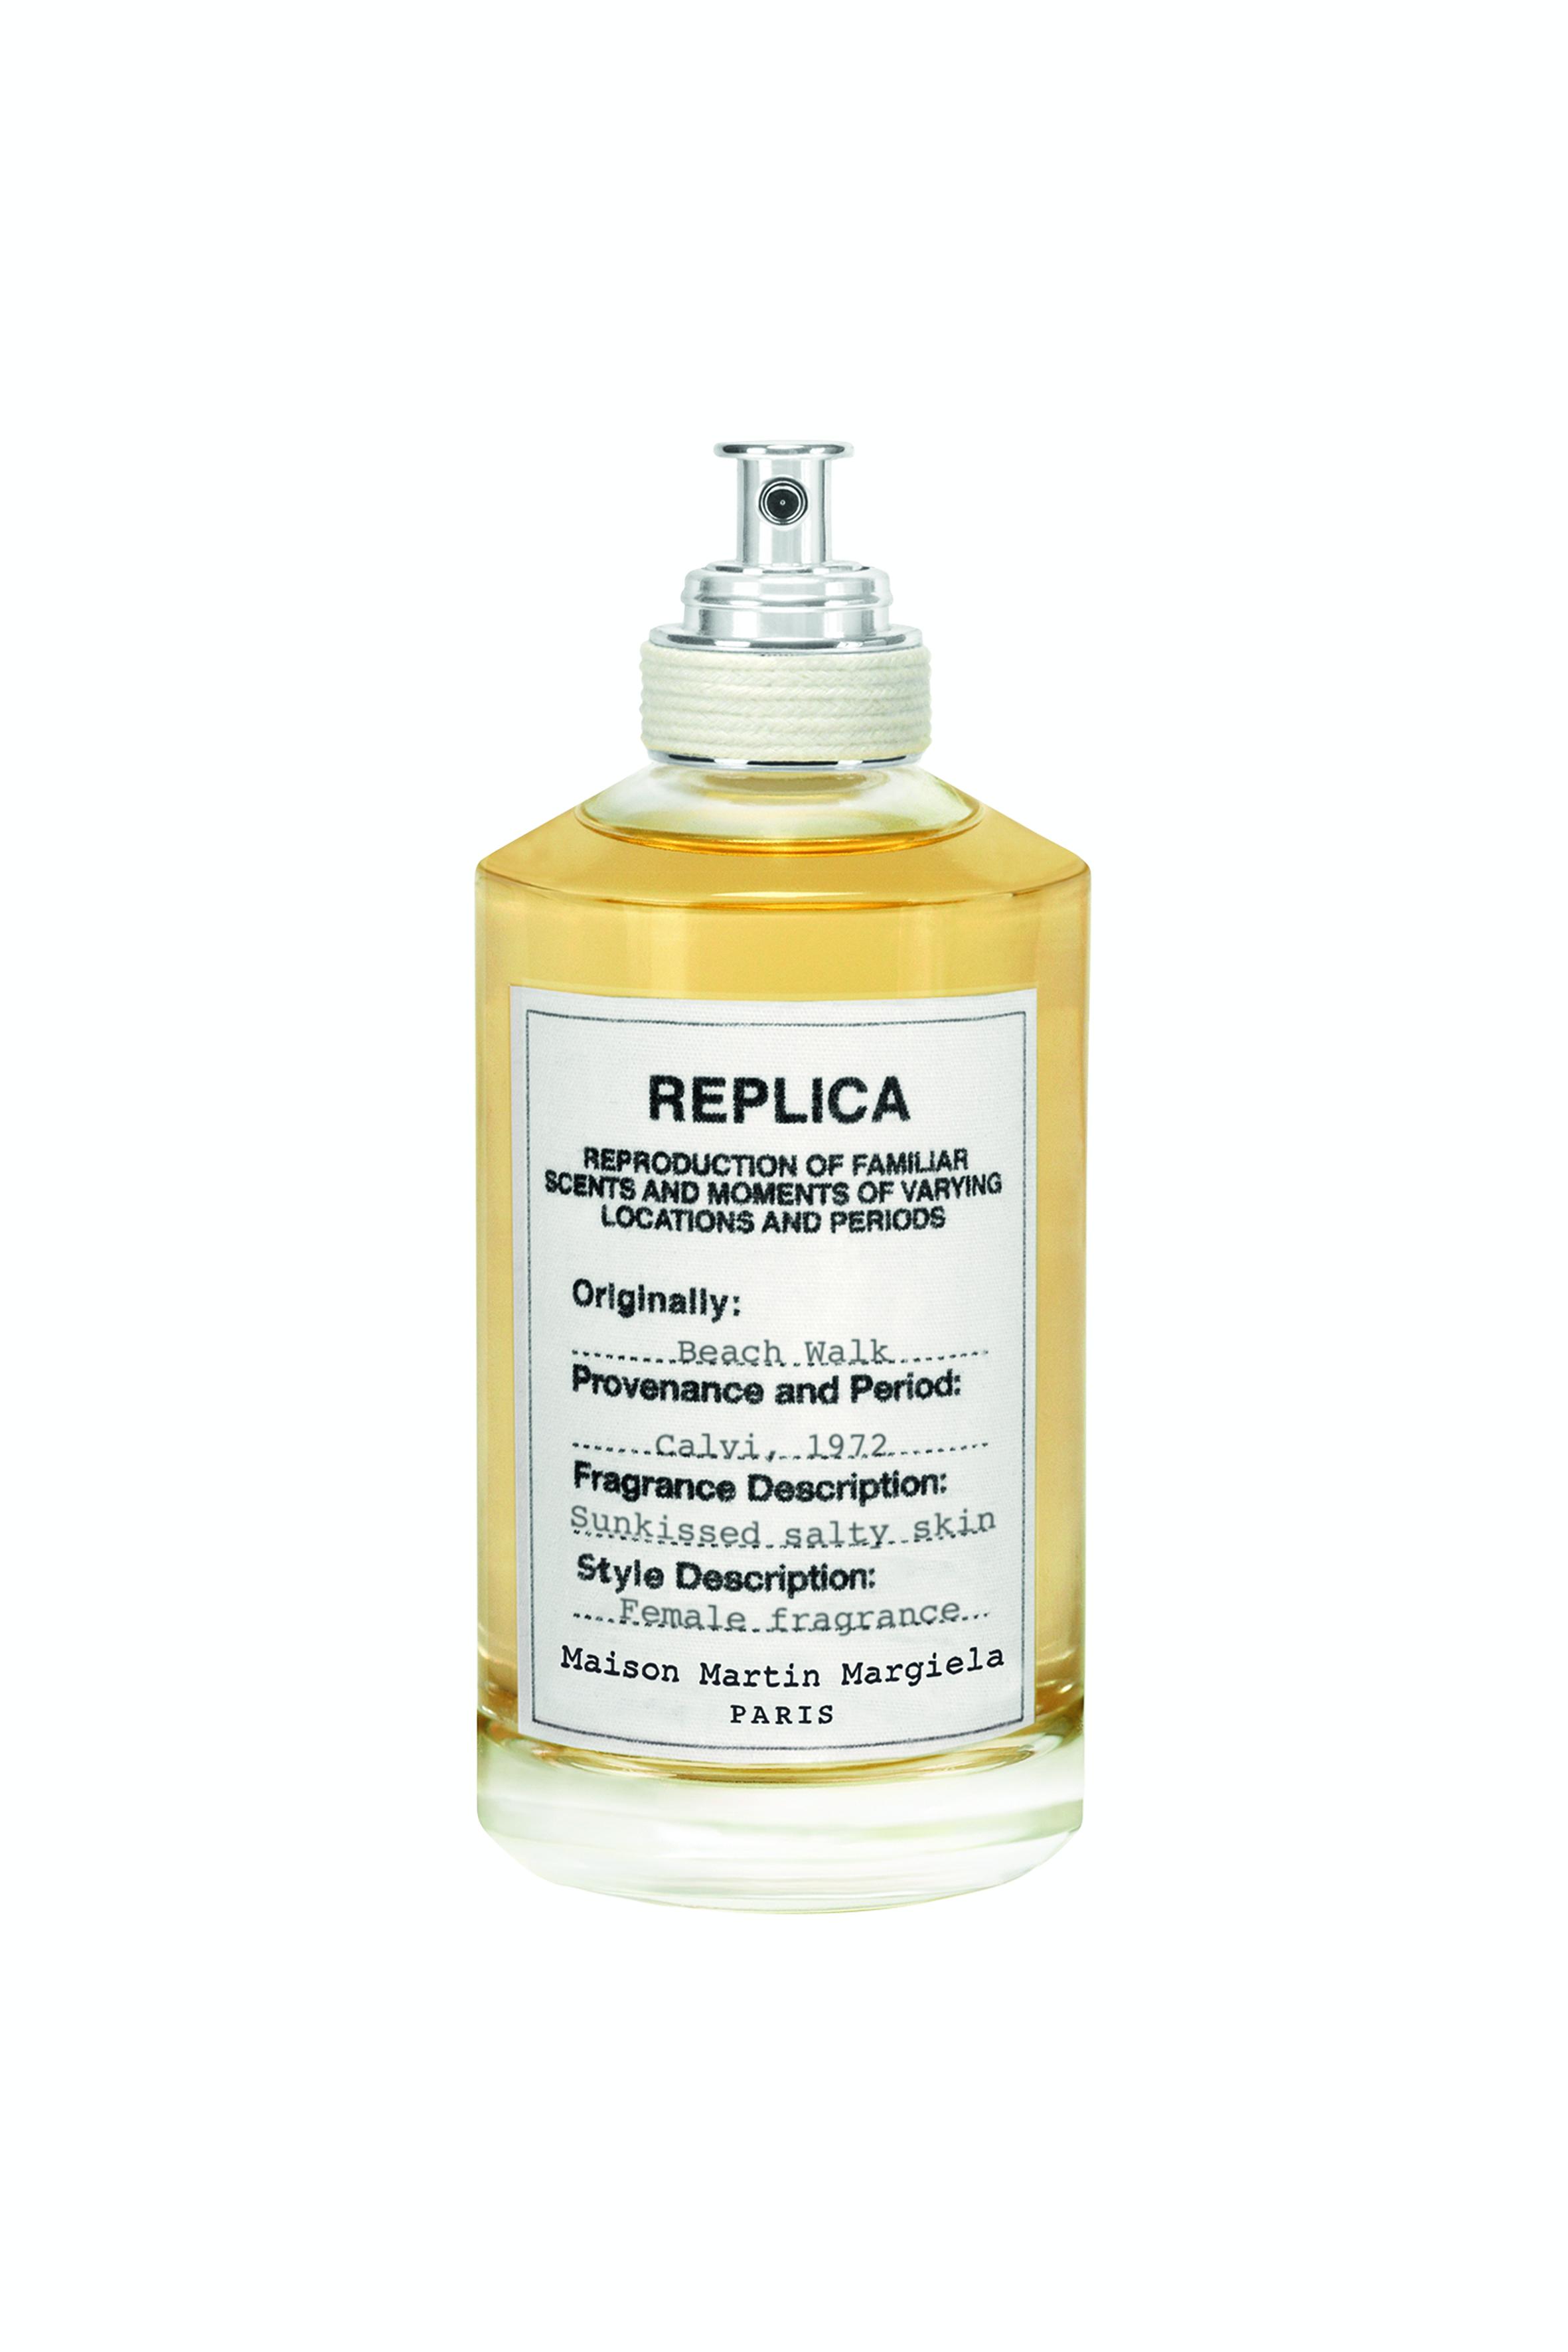 Maison Margiela Launces First Ever Fragrance Pop Up Shop